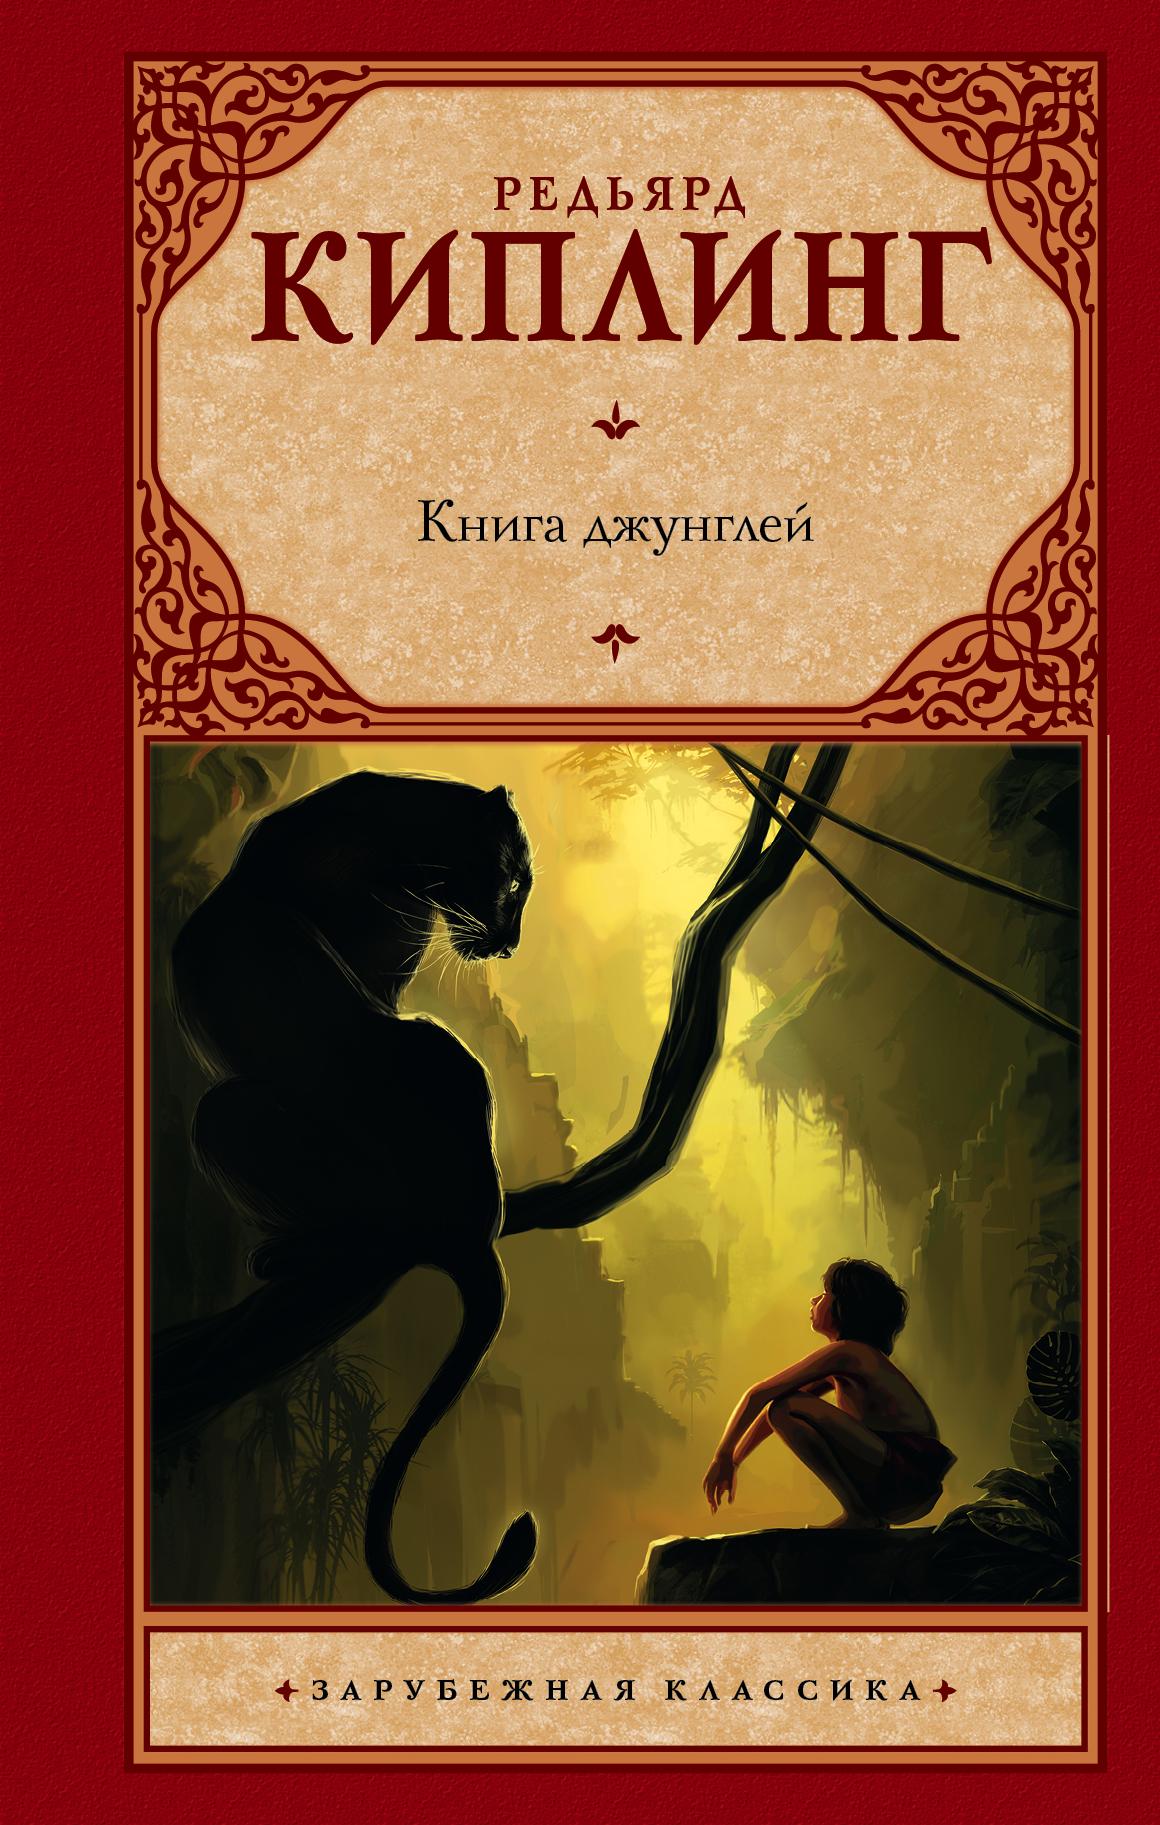 Редьярд Киплинг Книга джунглей книга джунглей маугли 2018 11 01t16 00